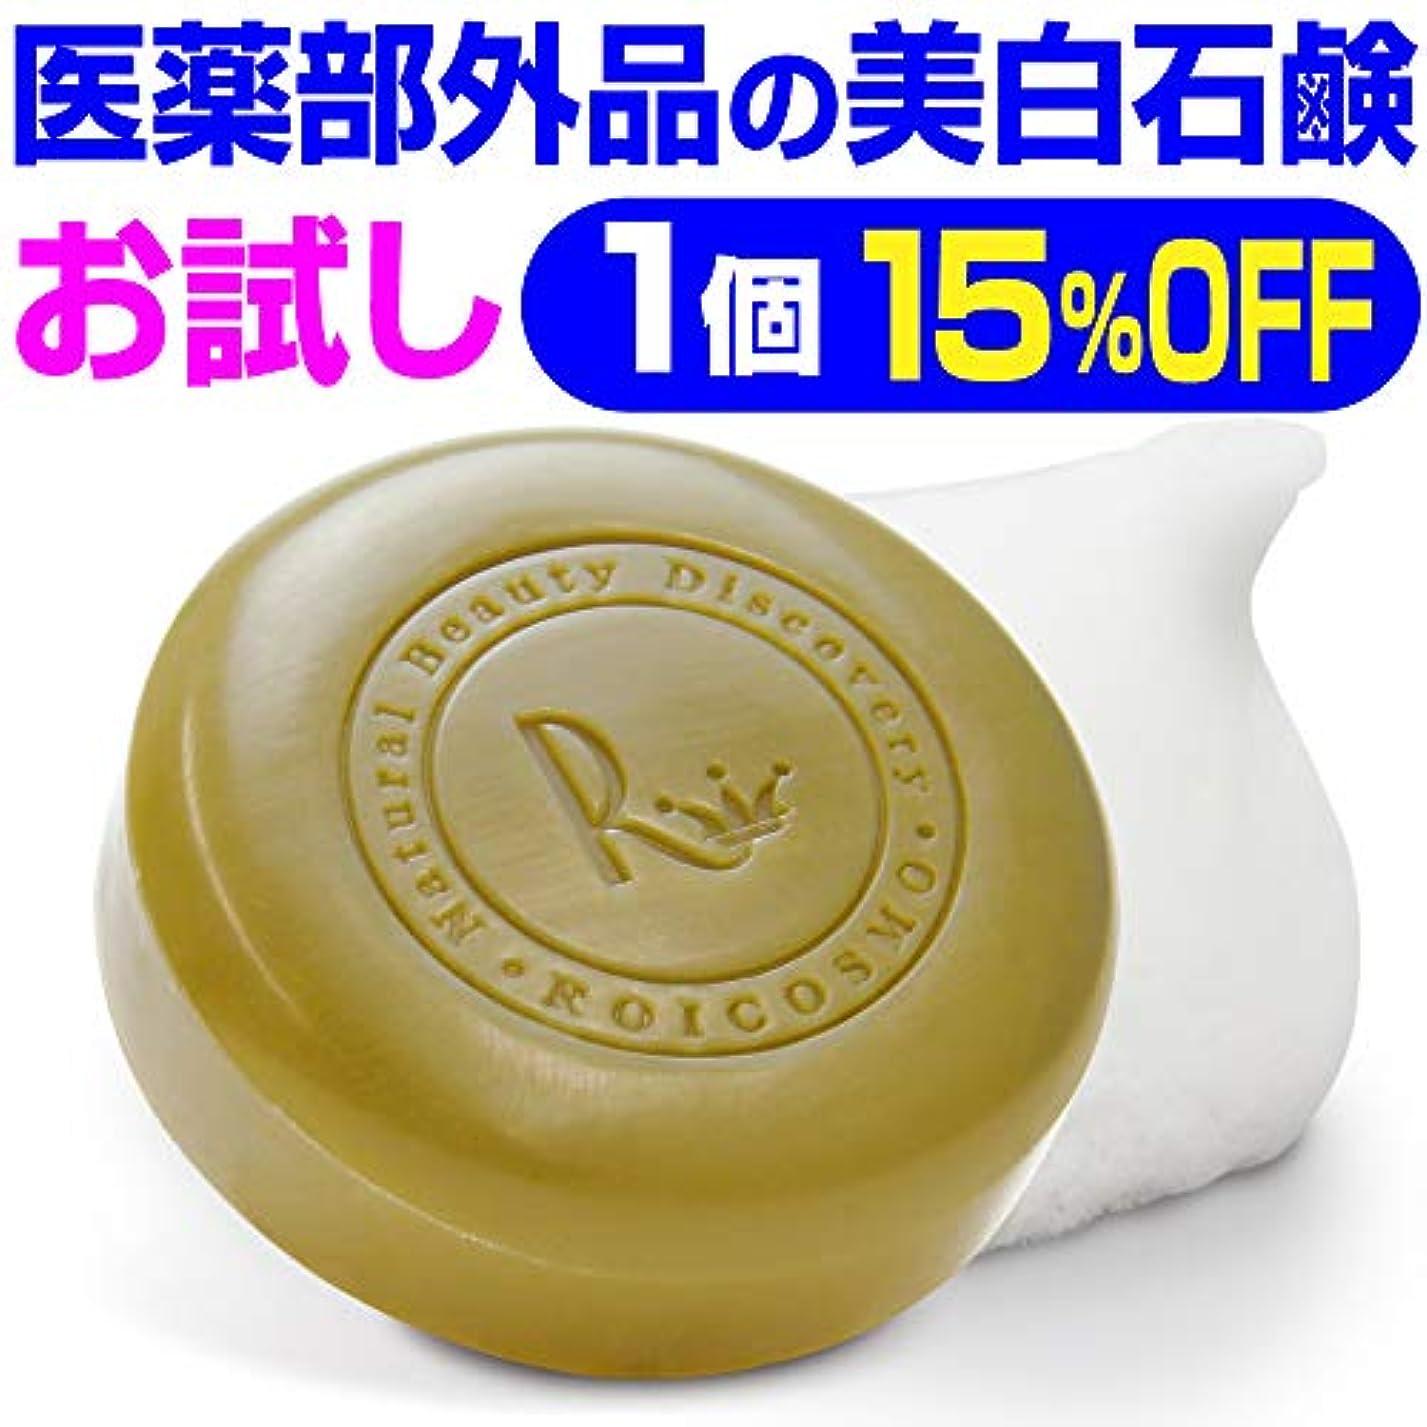 設置スイアマチュアお試し15%OFF ビタミンC270倍の美白成分配合の 洗顔石鹸 固形『ホワイトソープ100g×1個』(初回限定)